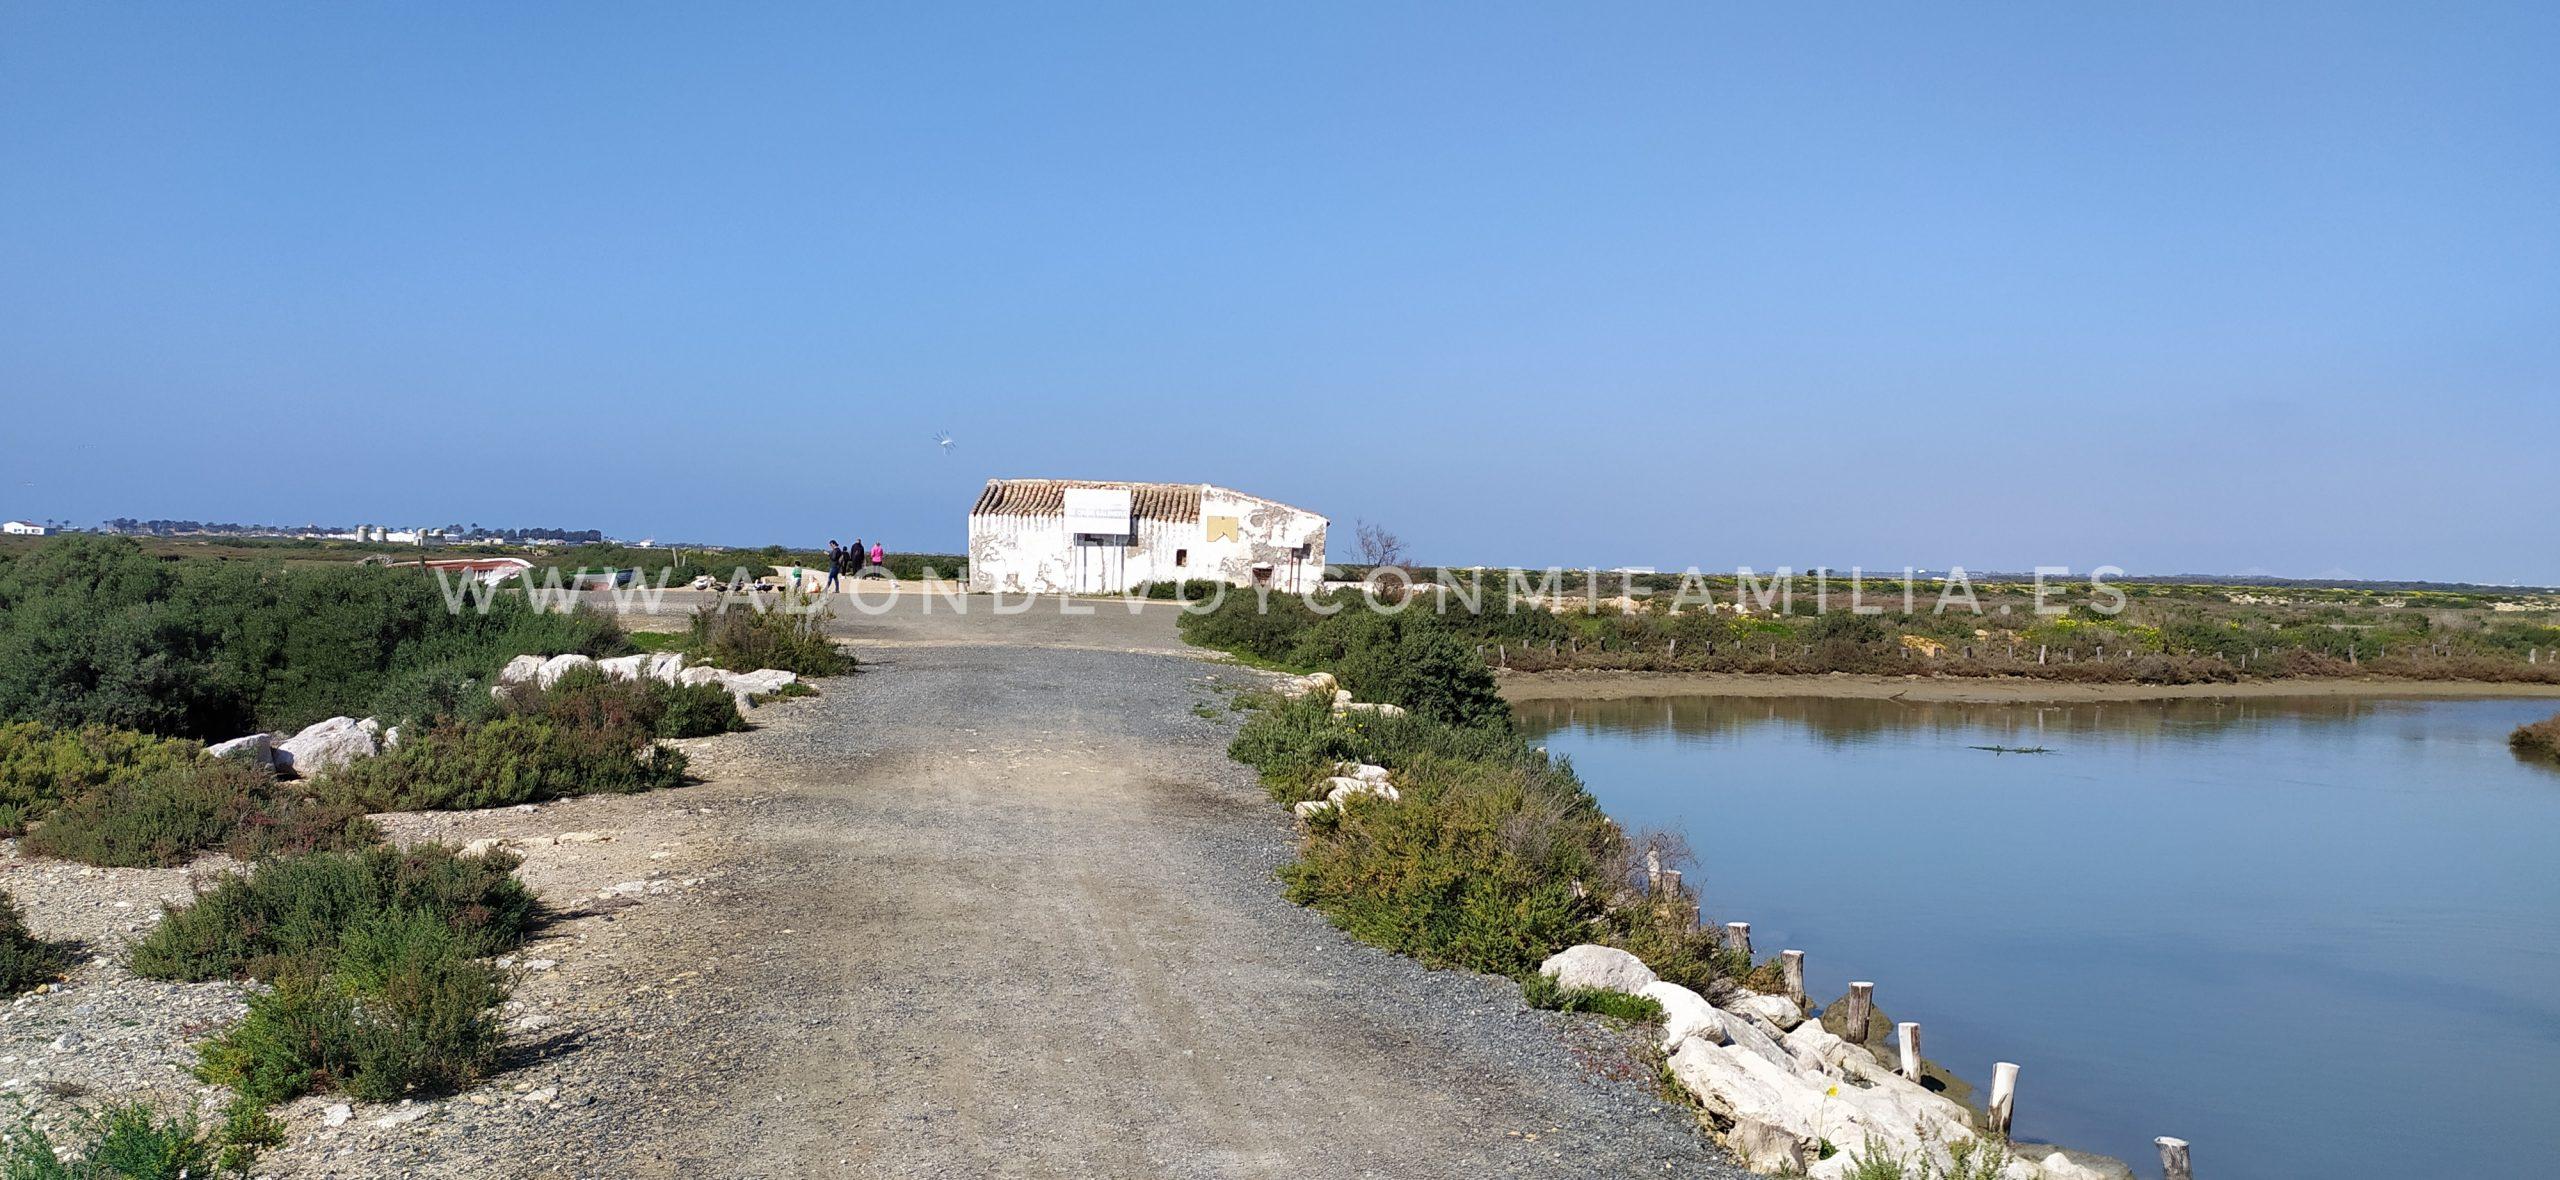 SENDERO SALINA DE CARBONEROS| Parque Natural Bahía de Cádiz